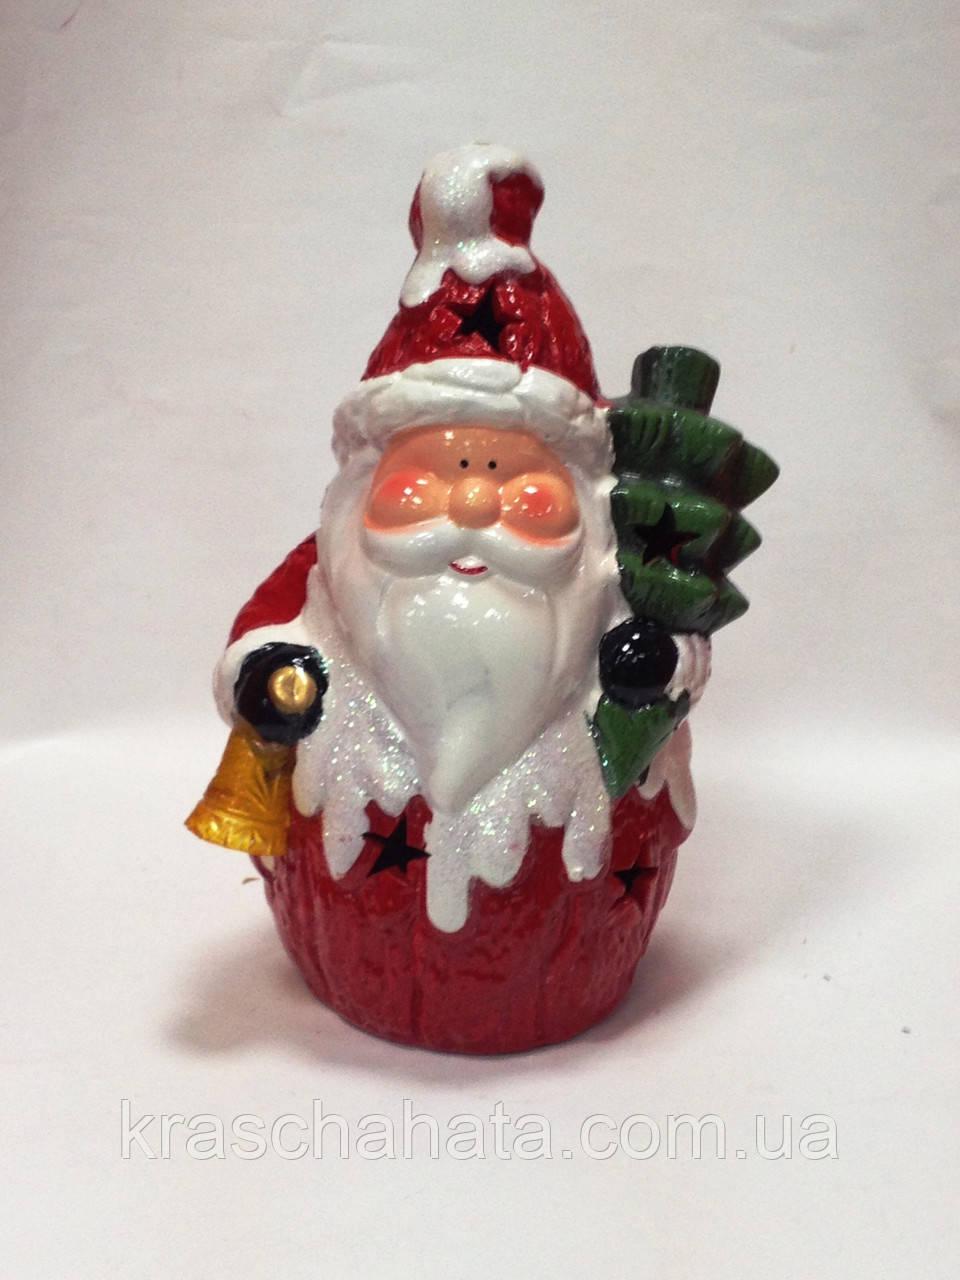 Дед Мороз, 22х14х10 см, сувенир новогодний, статуэтка, керамика, Днепропетровск